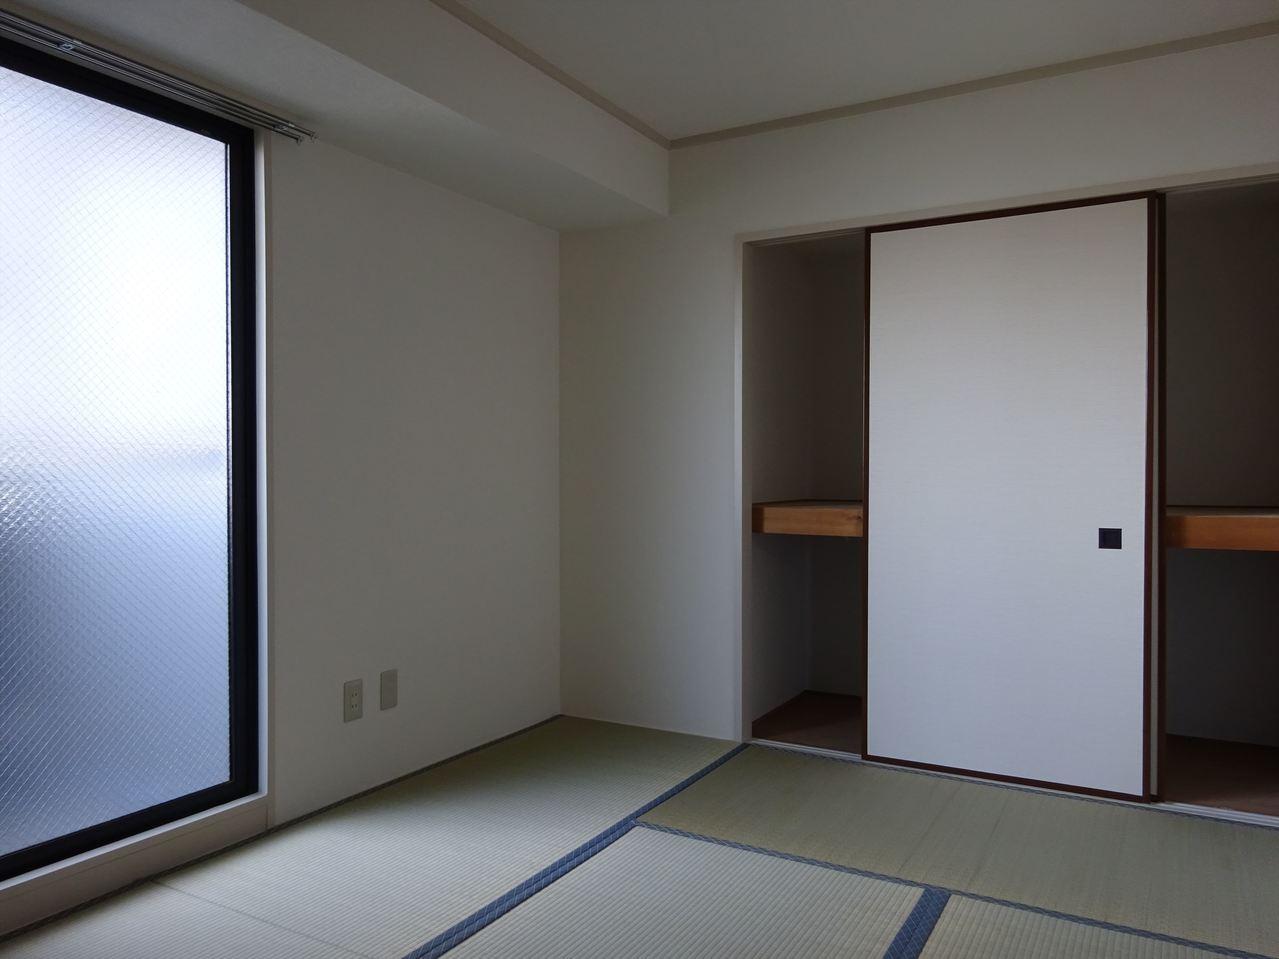 和室には珍しい大きな窓がある明るい和室です。